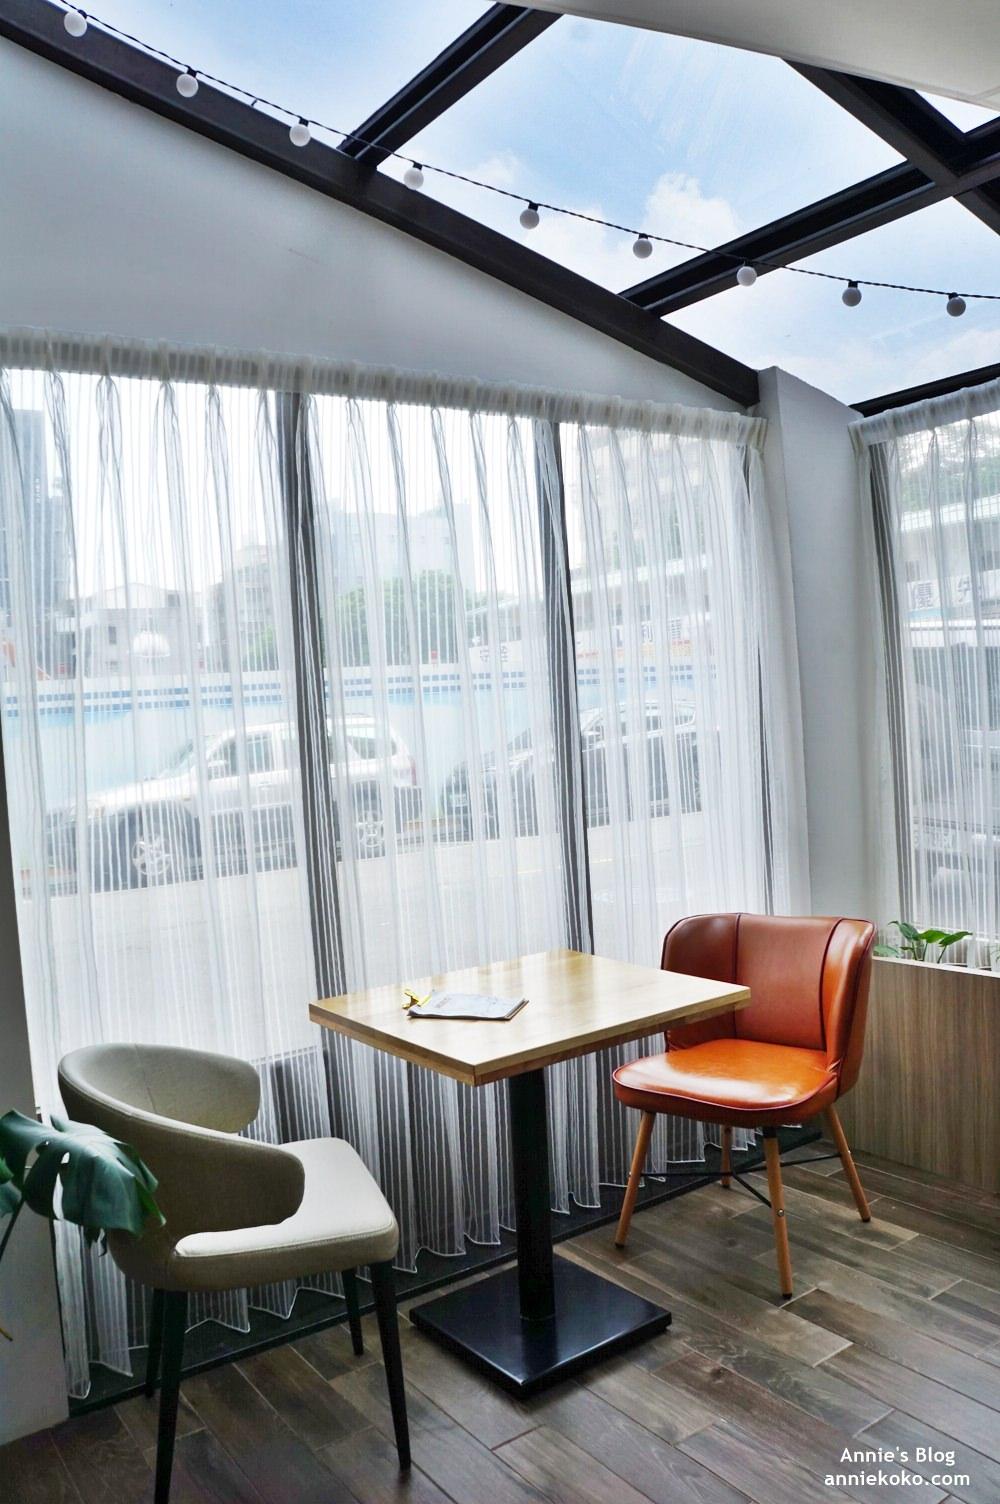 20180920171456 50 - [MukoBrunch] 大安區早午餐 光影與柔軟的法式吐司邂逅 一切都很美好的空間 東門站美食